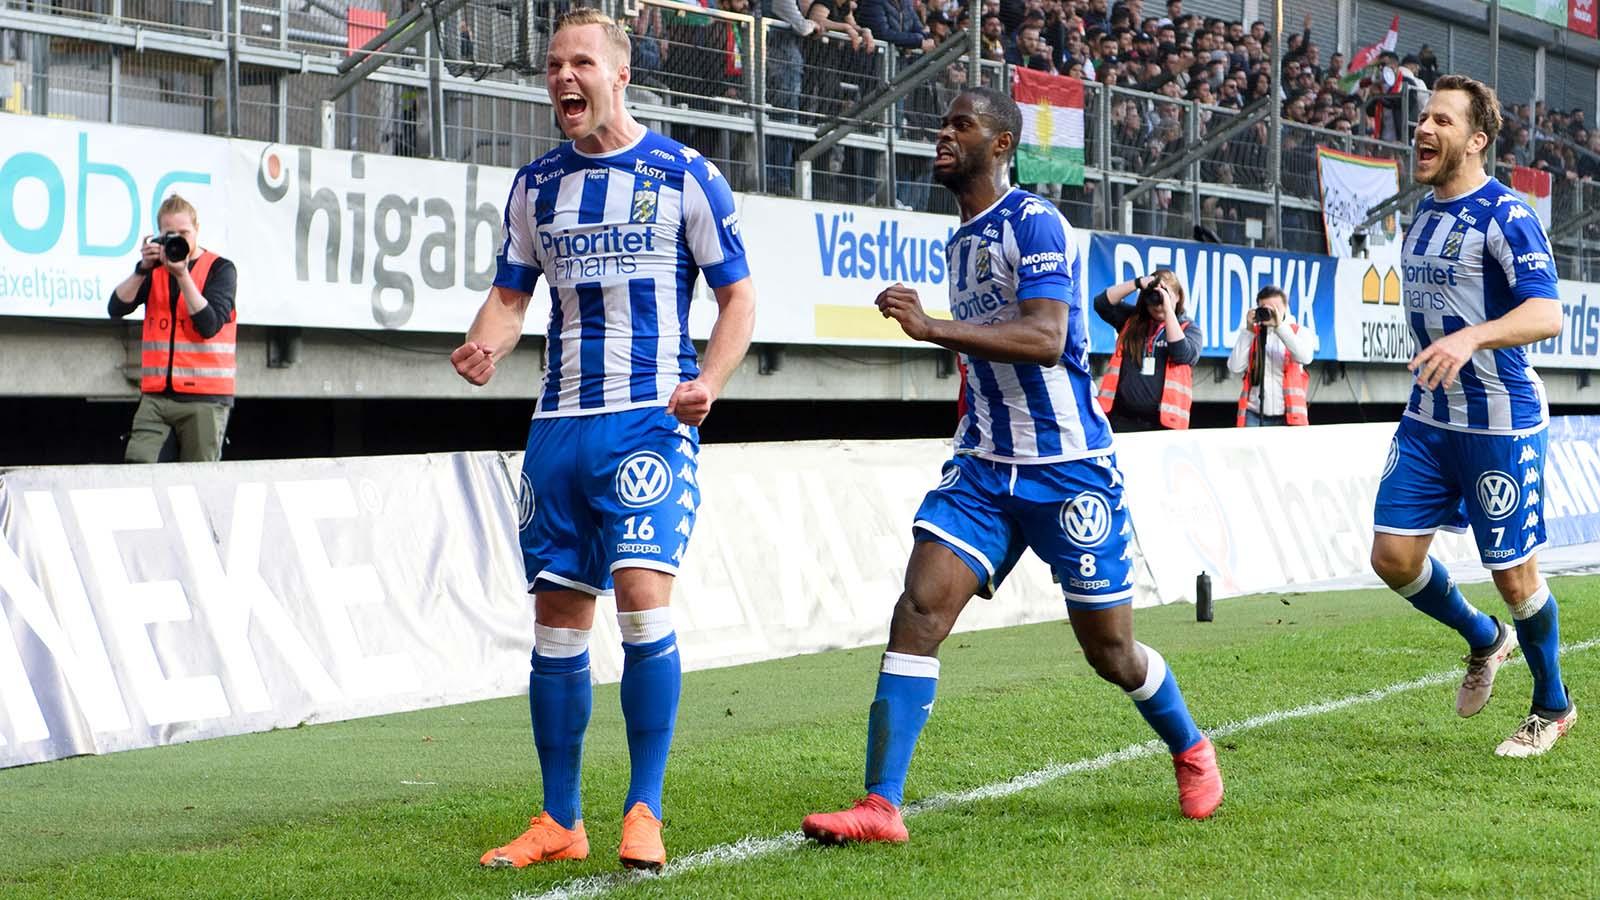 180419 IFK Göteborgs Gustav Engvall jublar efter att han gjort 1-0 under fotbollsmatchen i Allsvenskan mellan IFK Göteborg och Dalkurd den 19 april 2018 i Göteborg. Foto: Carl Sandin / BILDBYRÅN / kod CS / 57999_340